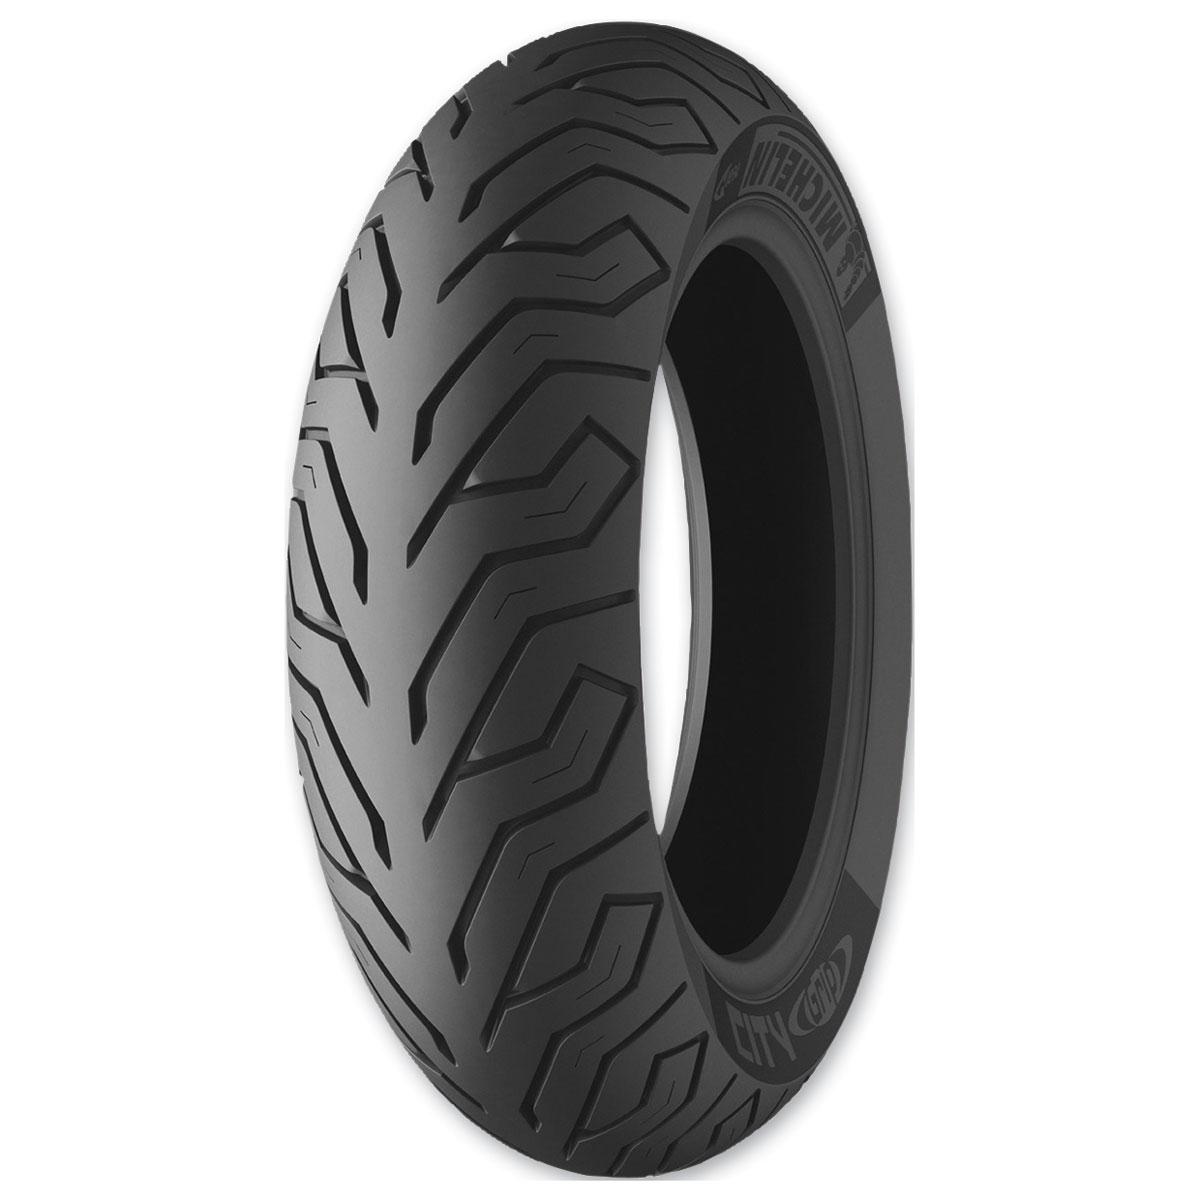 Michelin CITY GRIP 110/80-14 Rear Tire